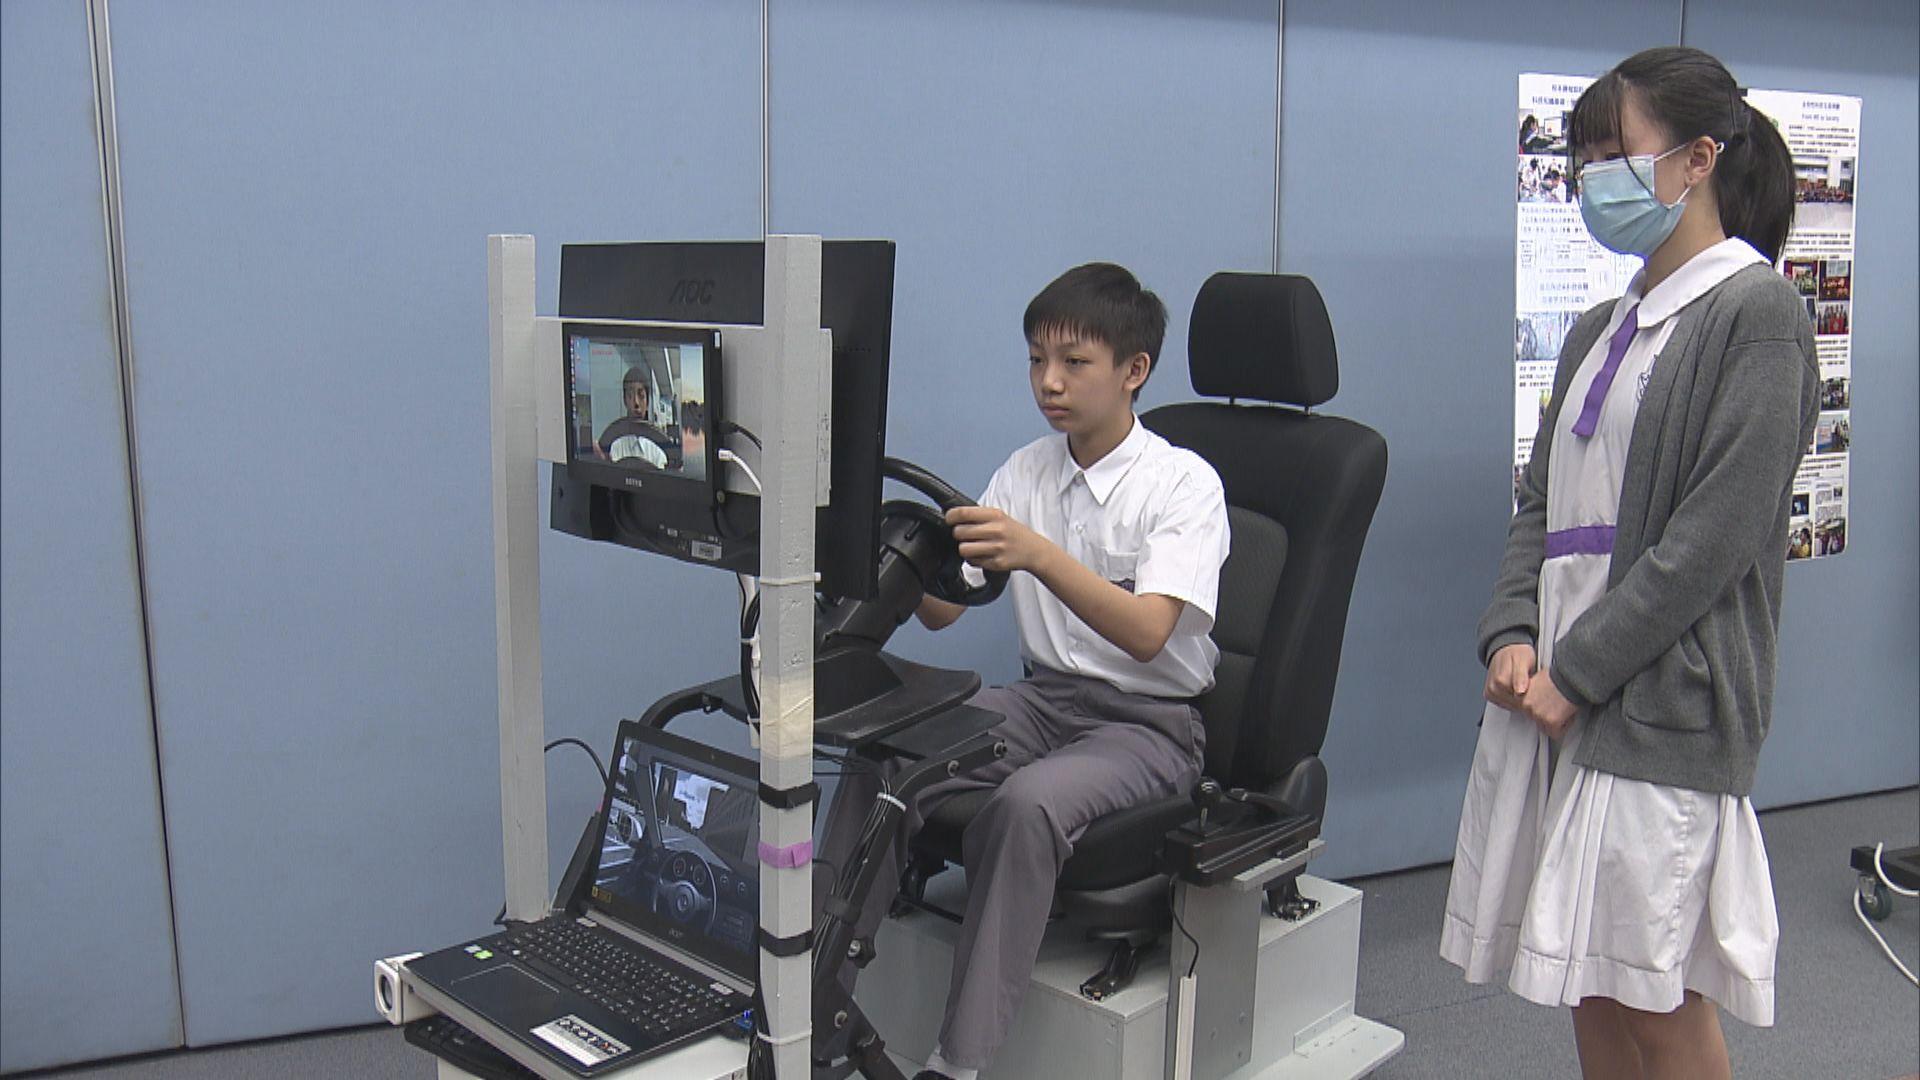 有中學初中授人工智能內容 冀增學生創科興趣